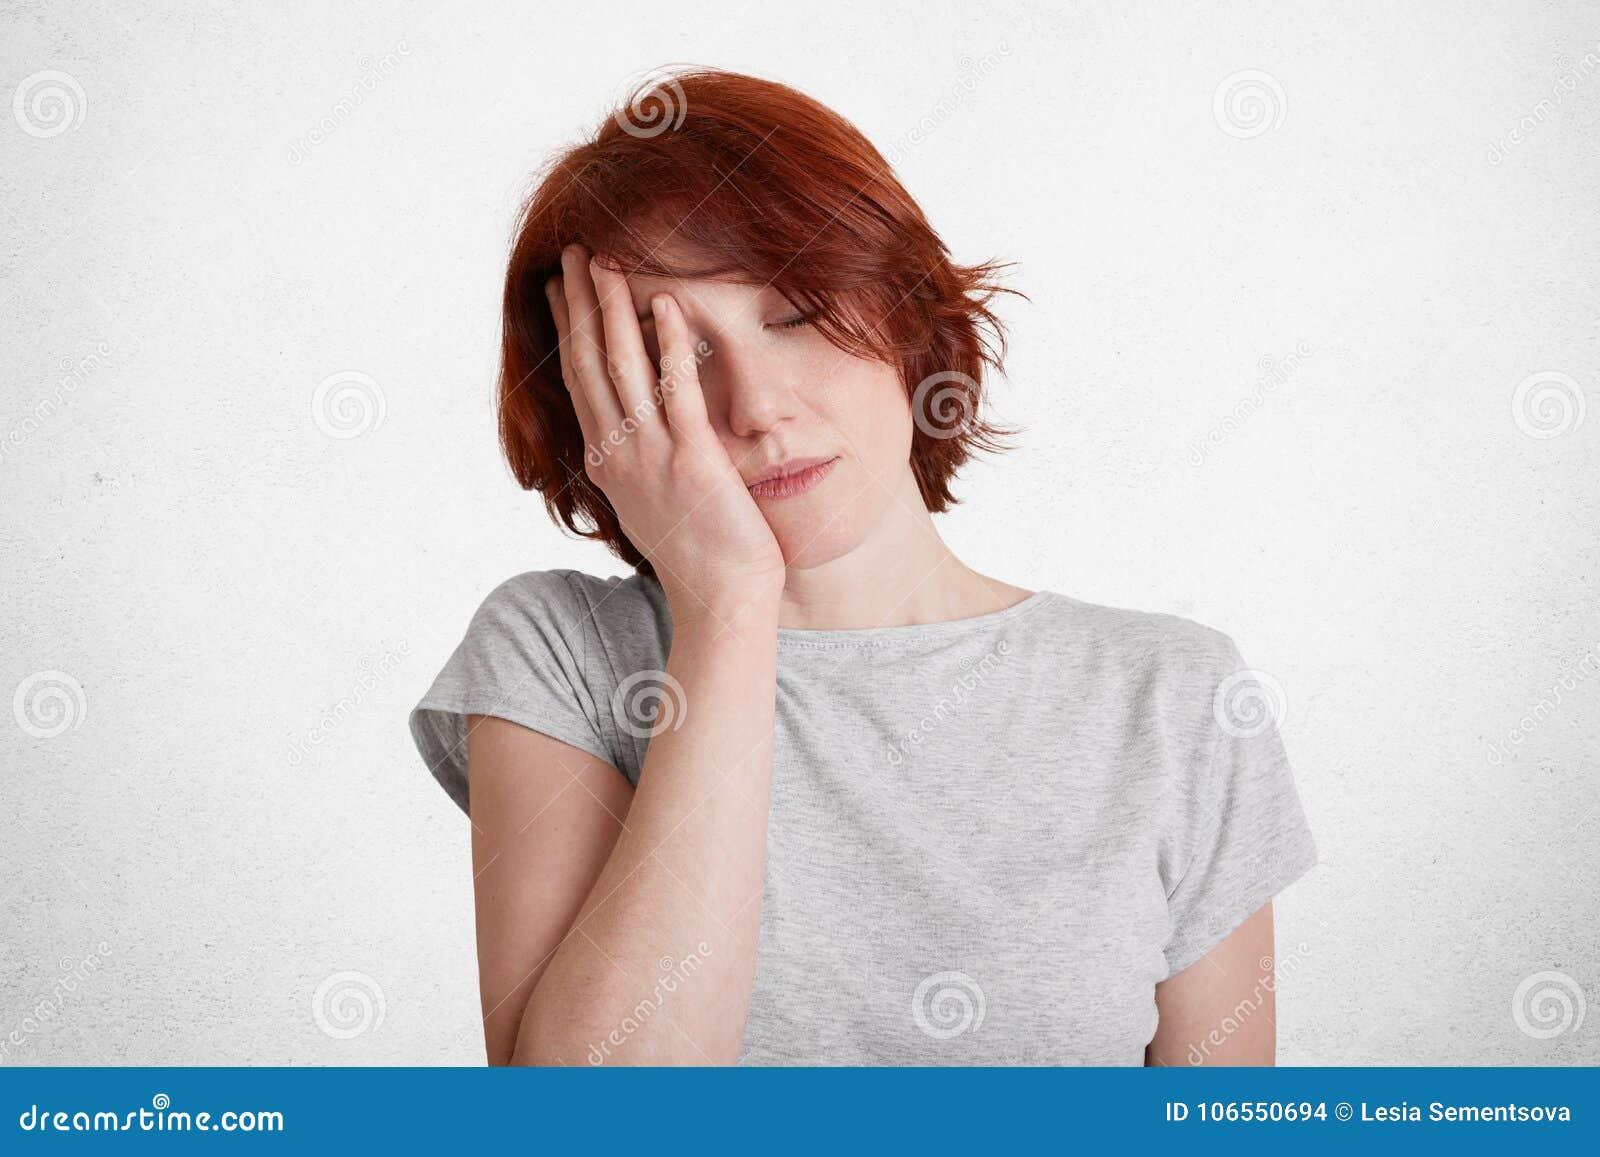 Horyzontalny strzał zmęczona zanudzająca kobieta z krótką fryzurą, zakończenia ono przygląda się i pokrywy stawiają czoło z ręką